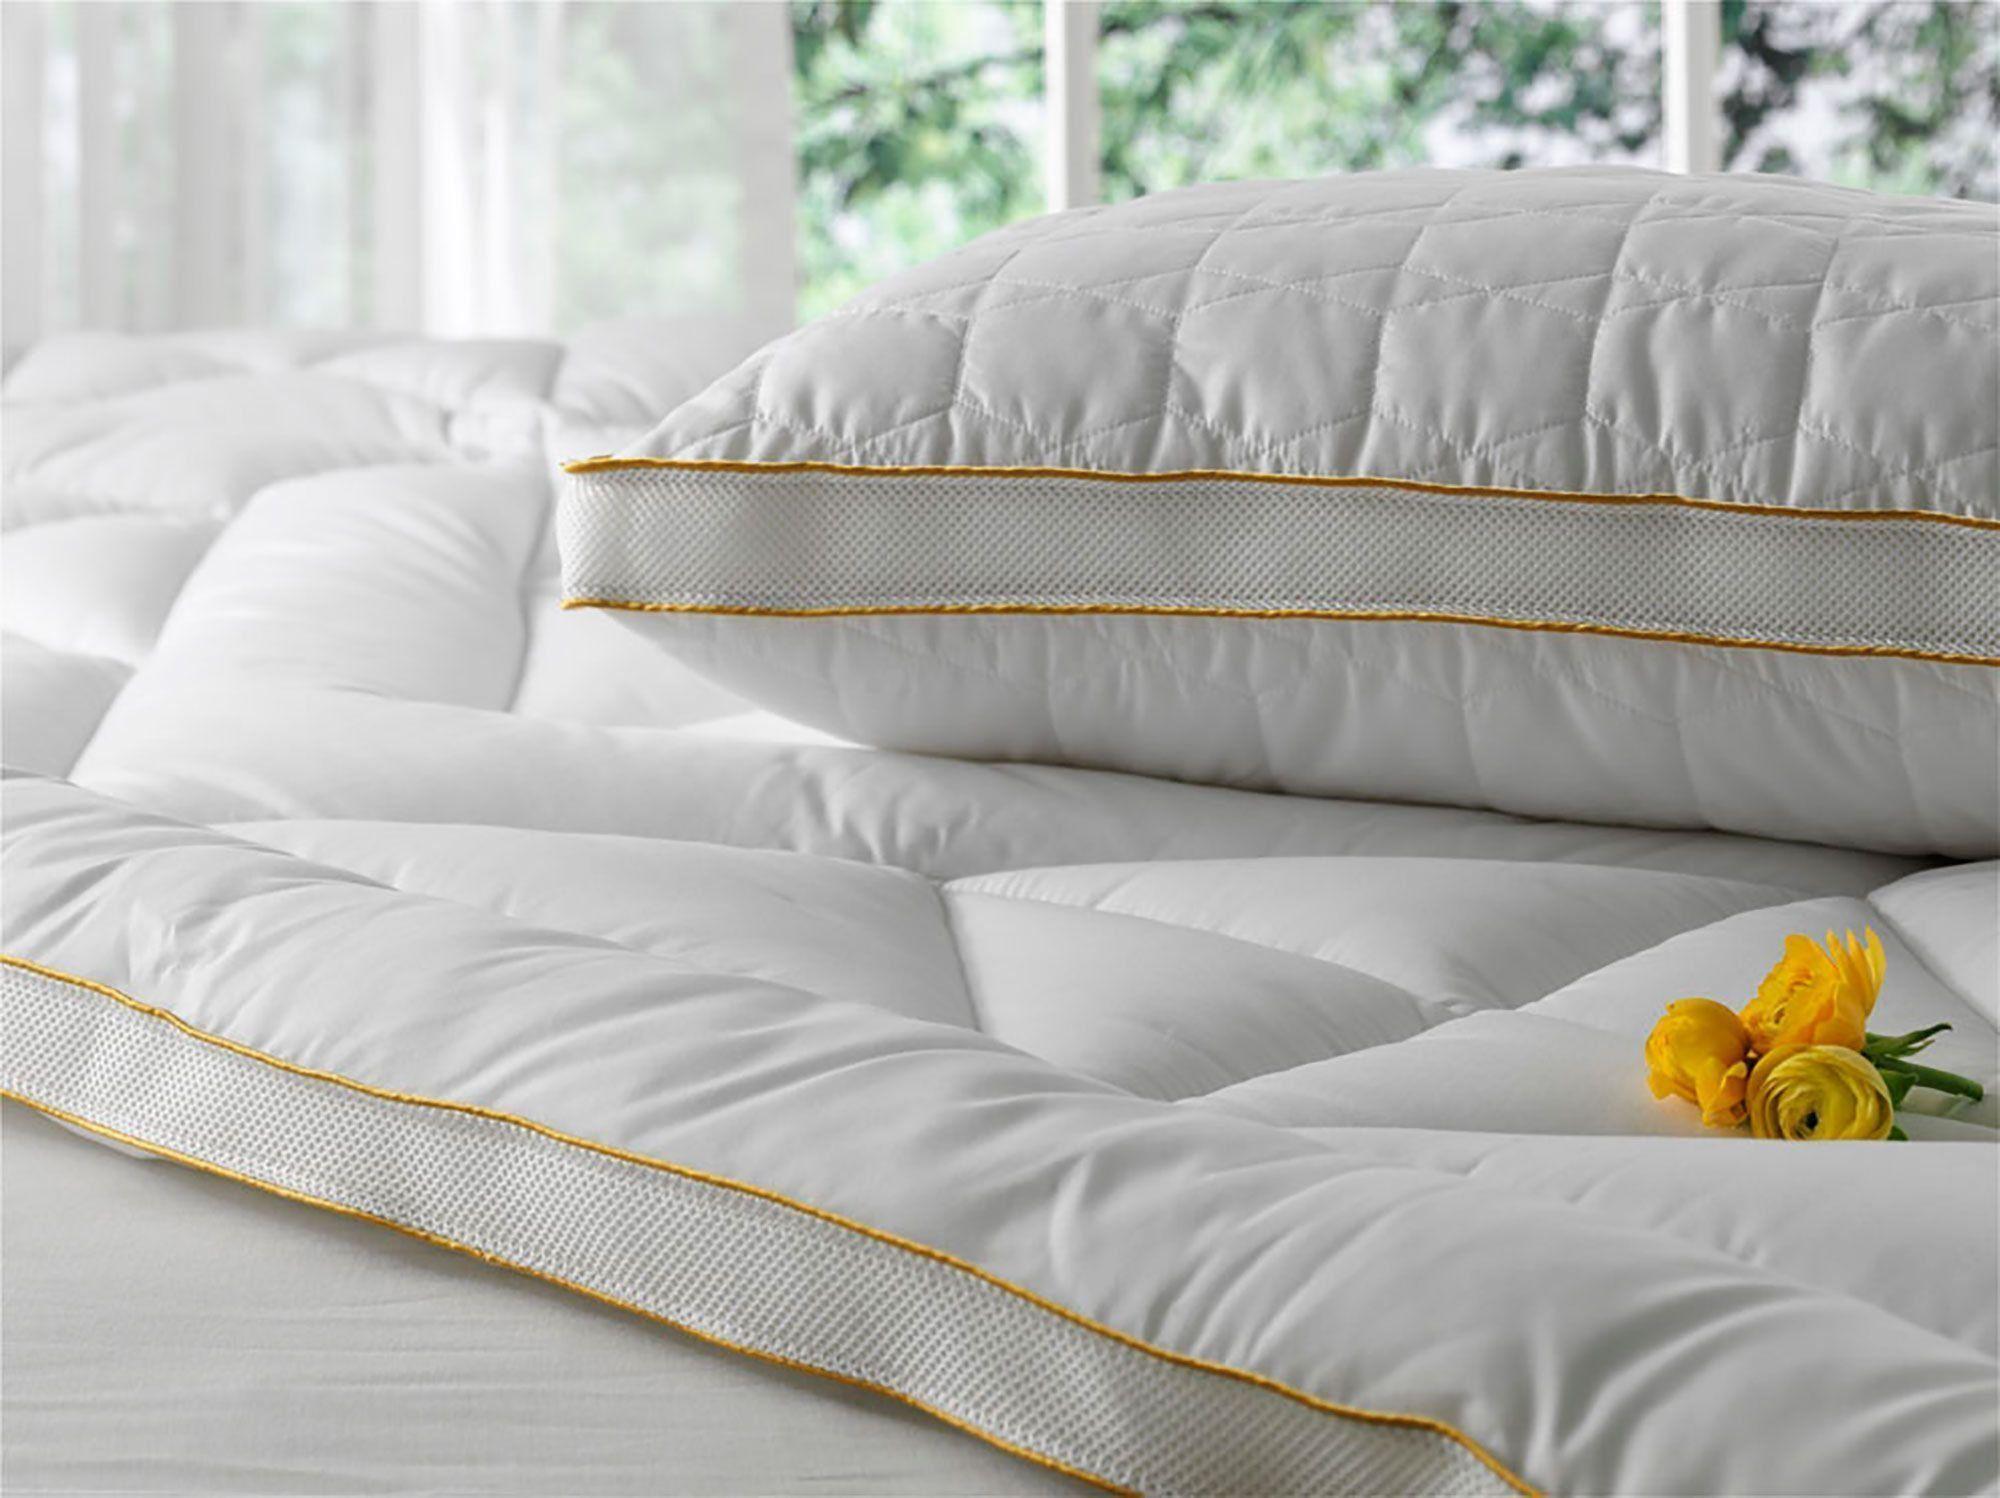 Наполнители для подушек: выбираем лучший в 2021 году